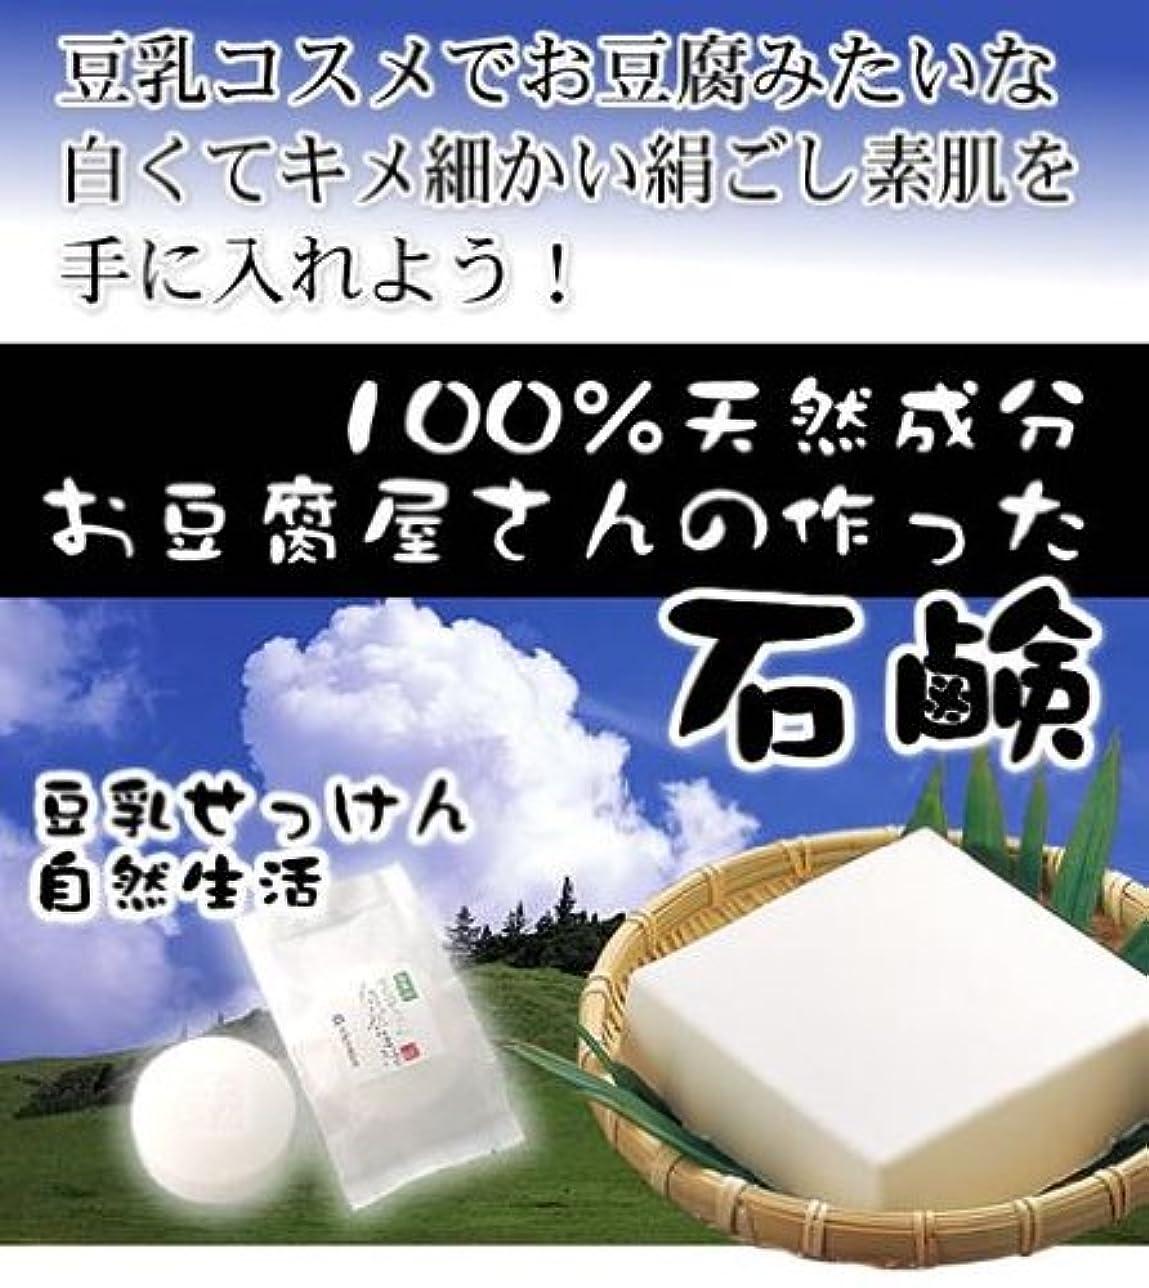 永久にさまよう典型的な豆腐の盛田屋 豆乳せっけん 自然生活/引越し/新生活/プレゼント/ギフト